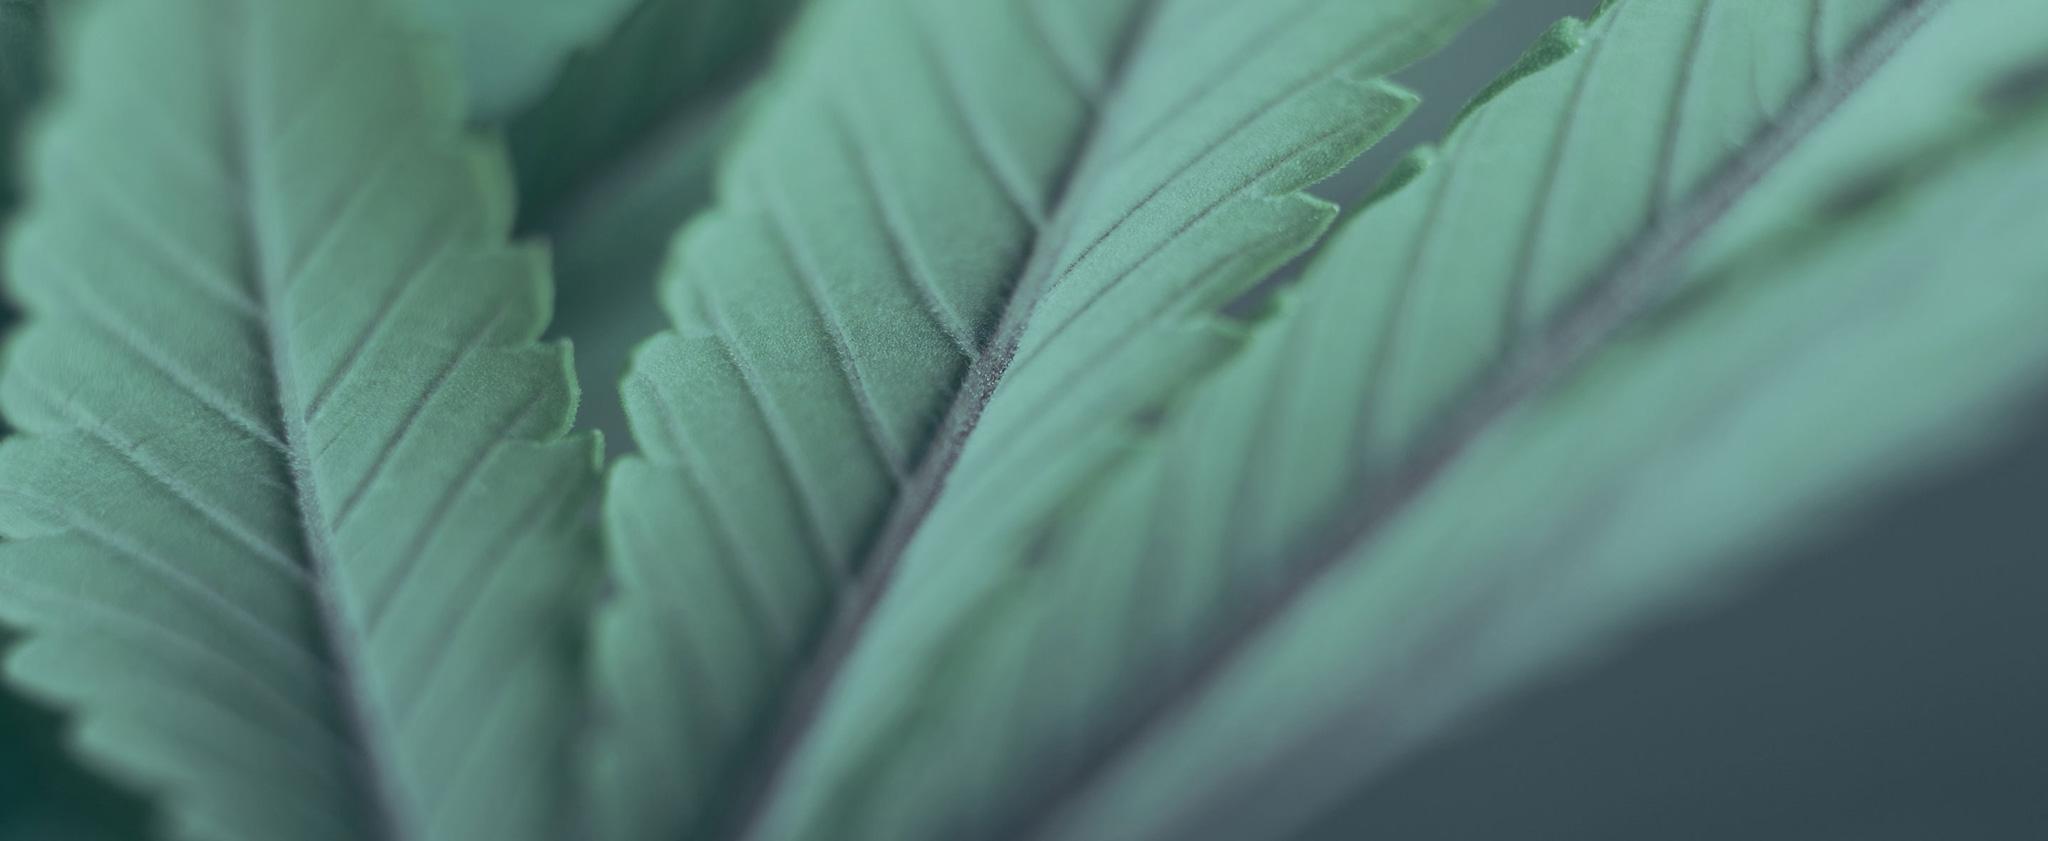 Closeup of hemp leaves